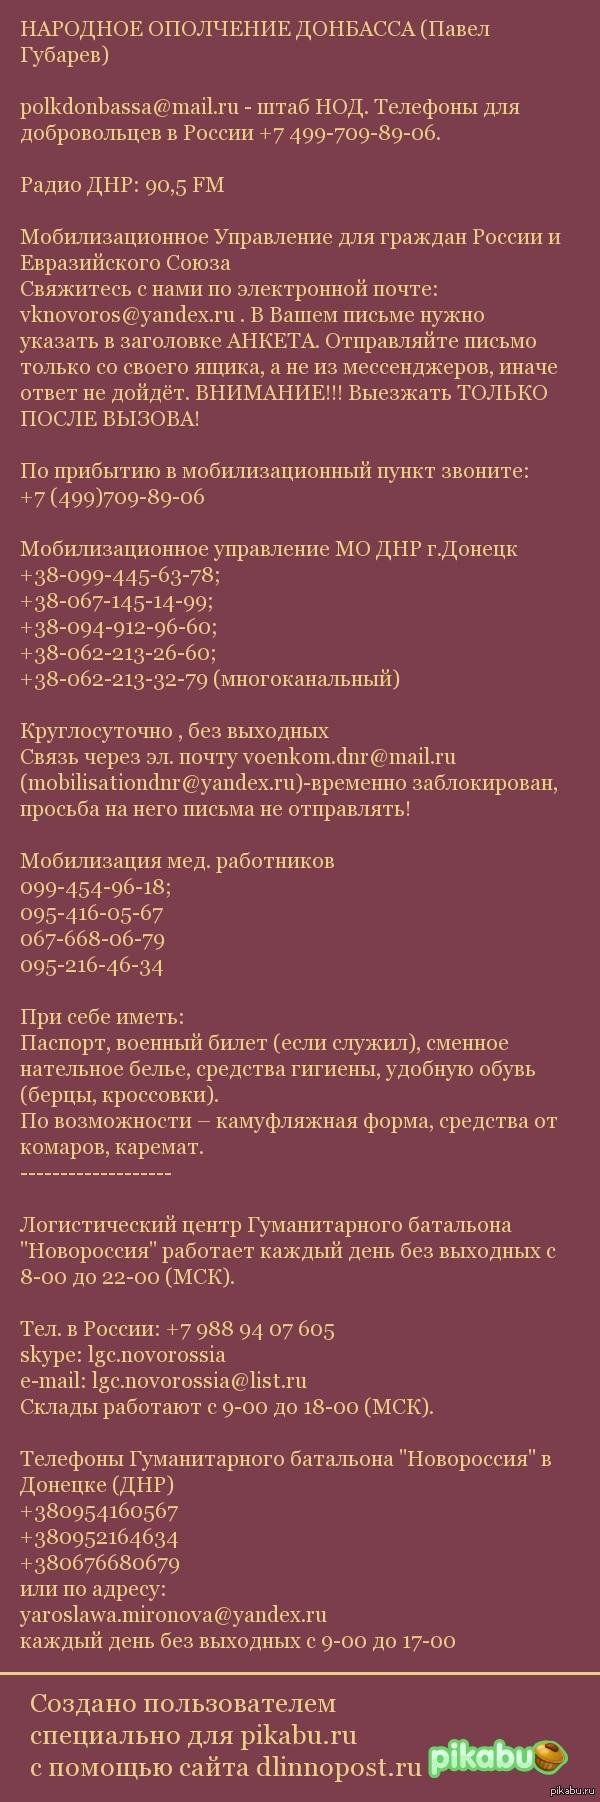 Оккупанты путем репрессий пытаются добиться от крымских татар лояльности, - Чубаров - Цензор.НЕТ 7464